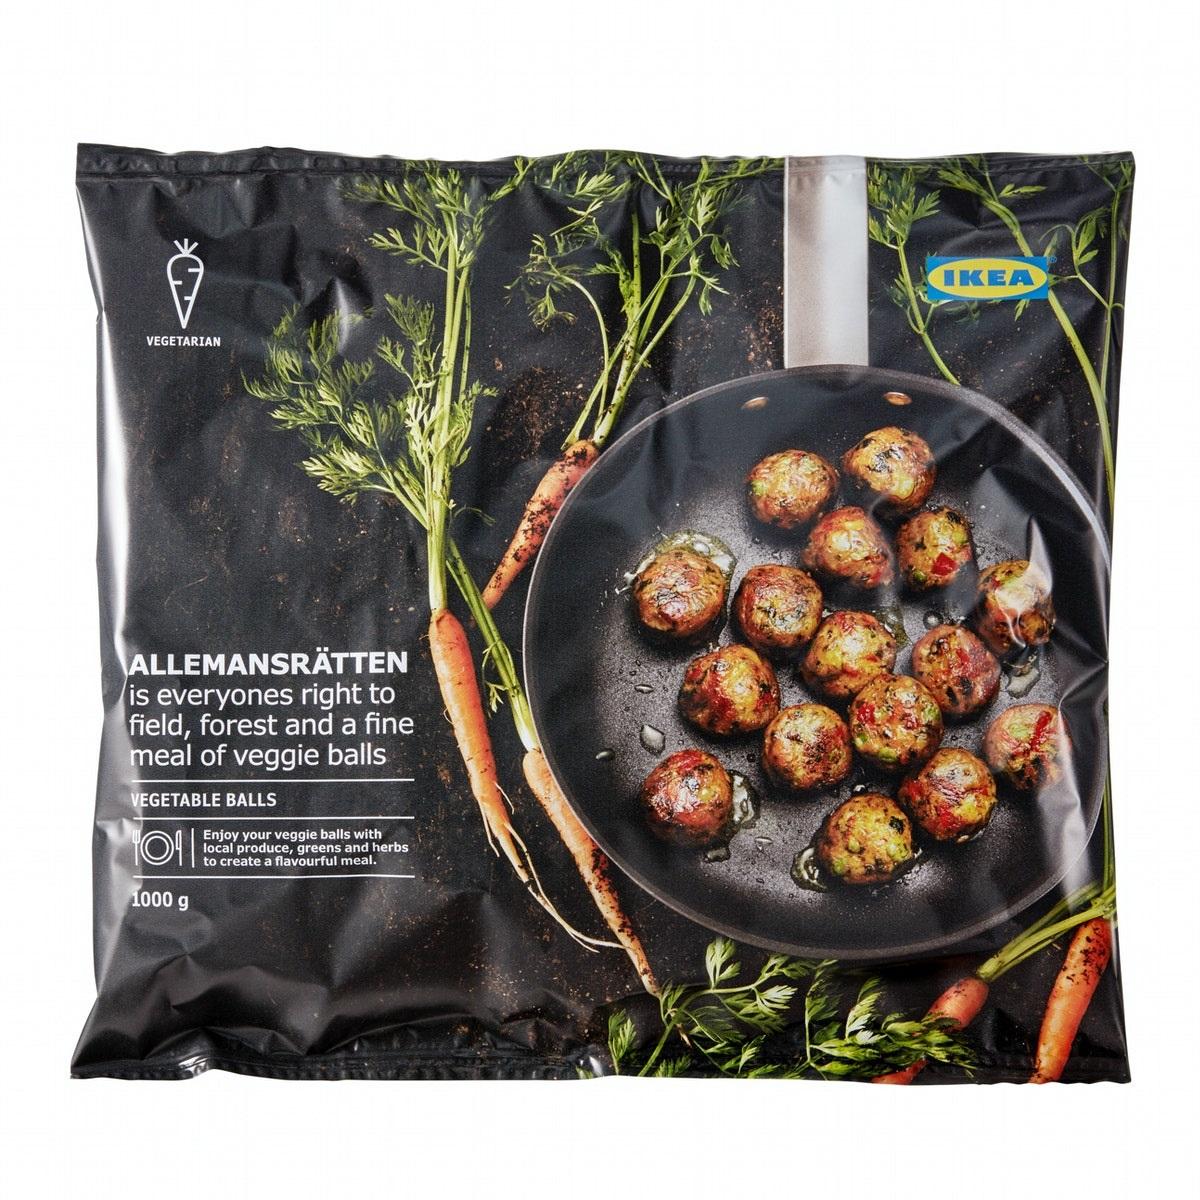 ALLEMANSRÄTTEN蔬菜丸